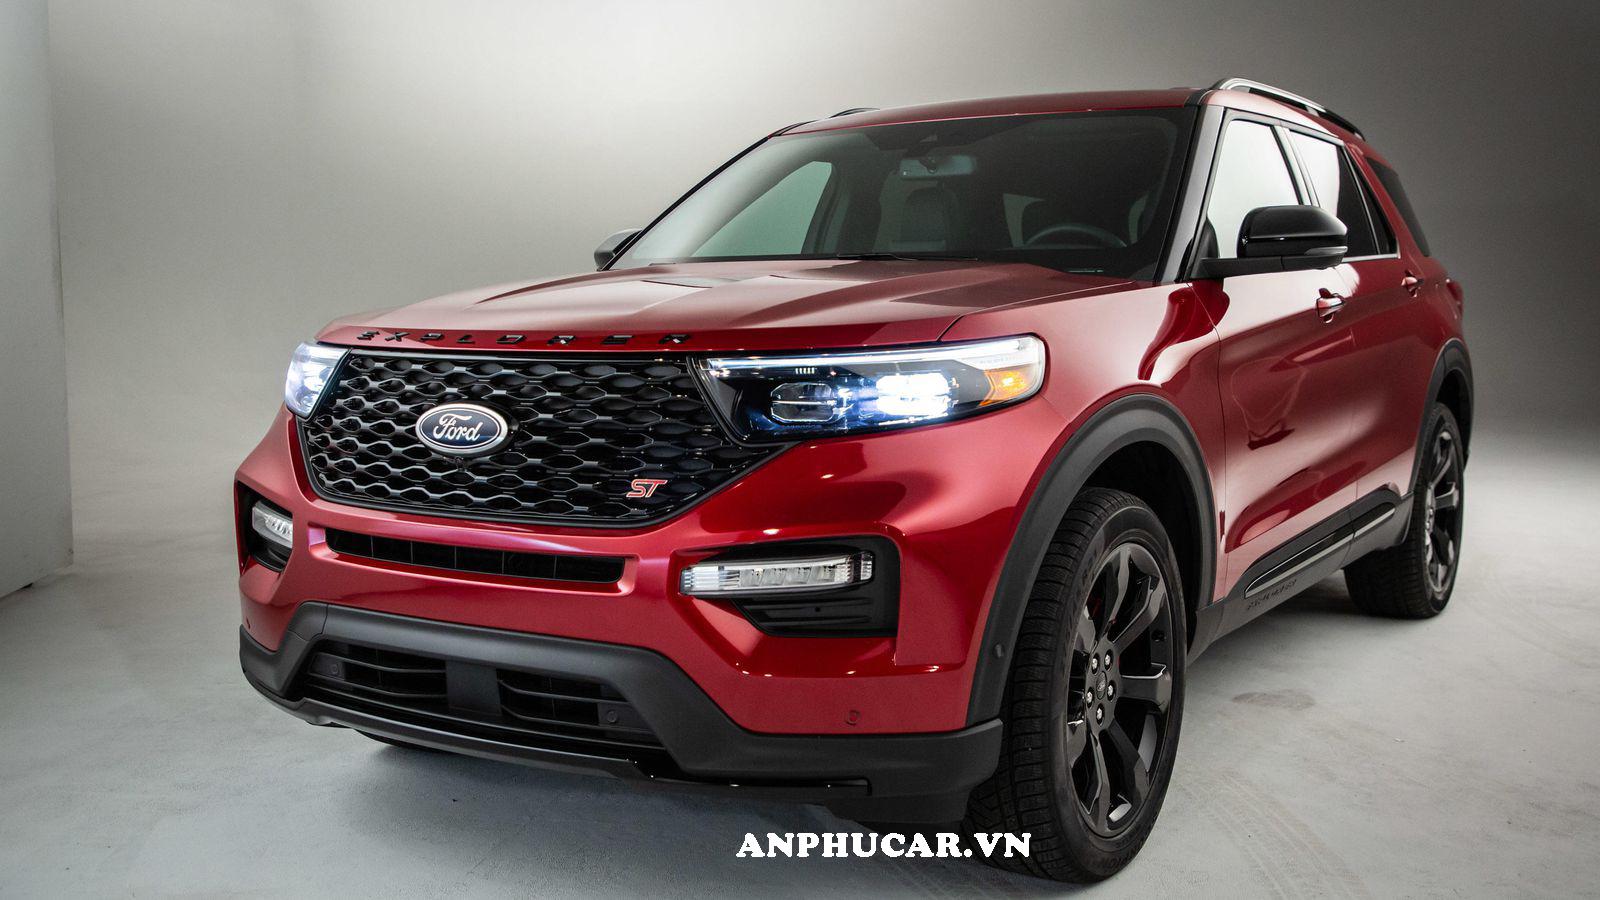 Ford Explorer 2020 về Việt Nam